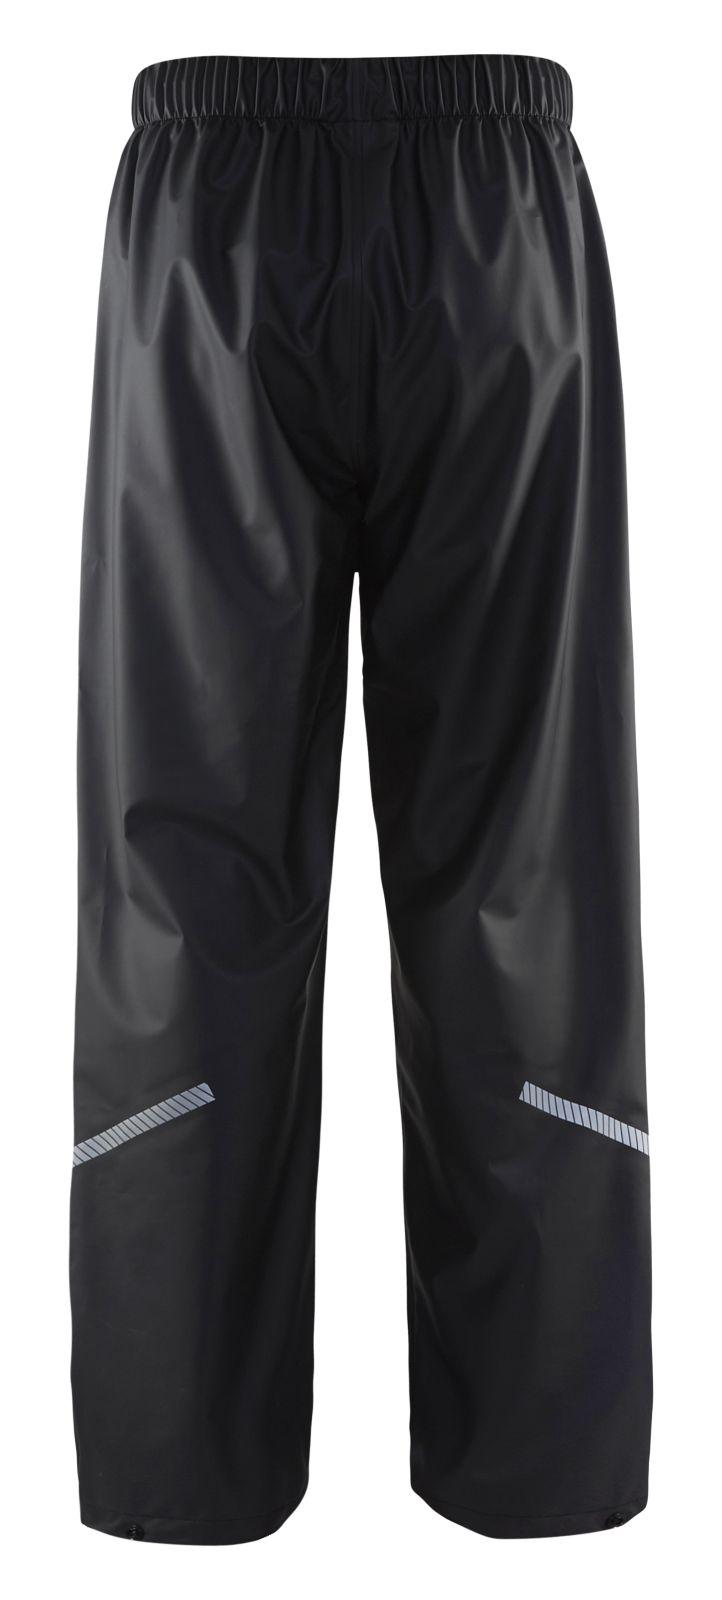 Blaklader Regenbroeken 13012000 zwart(9900)